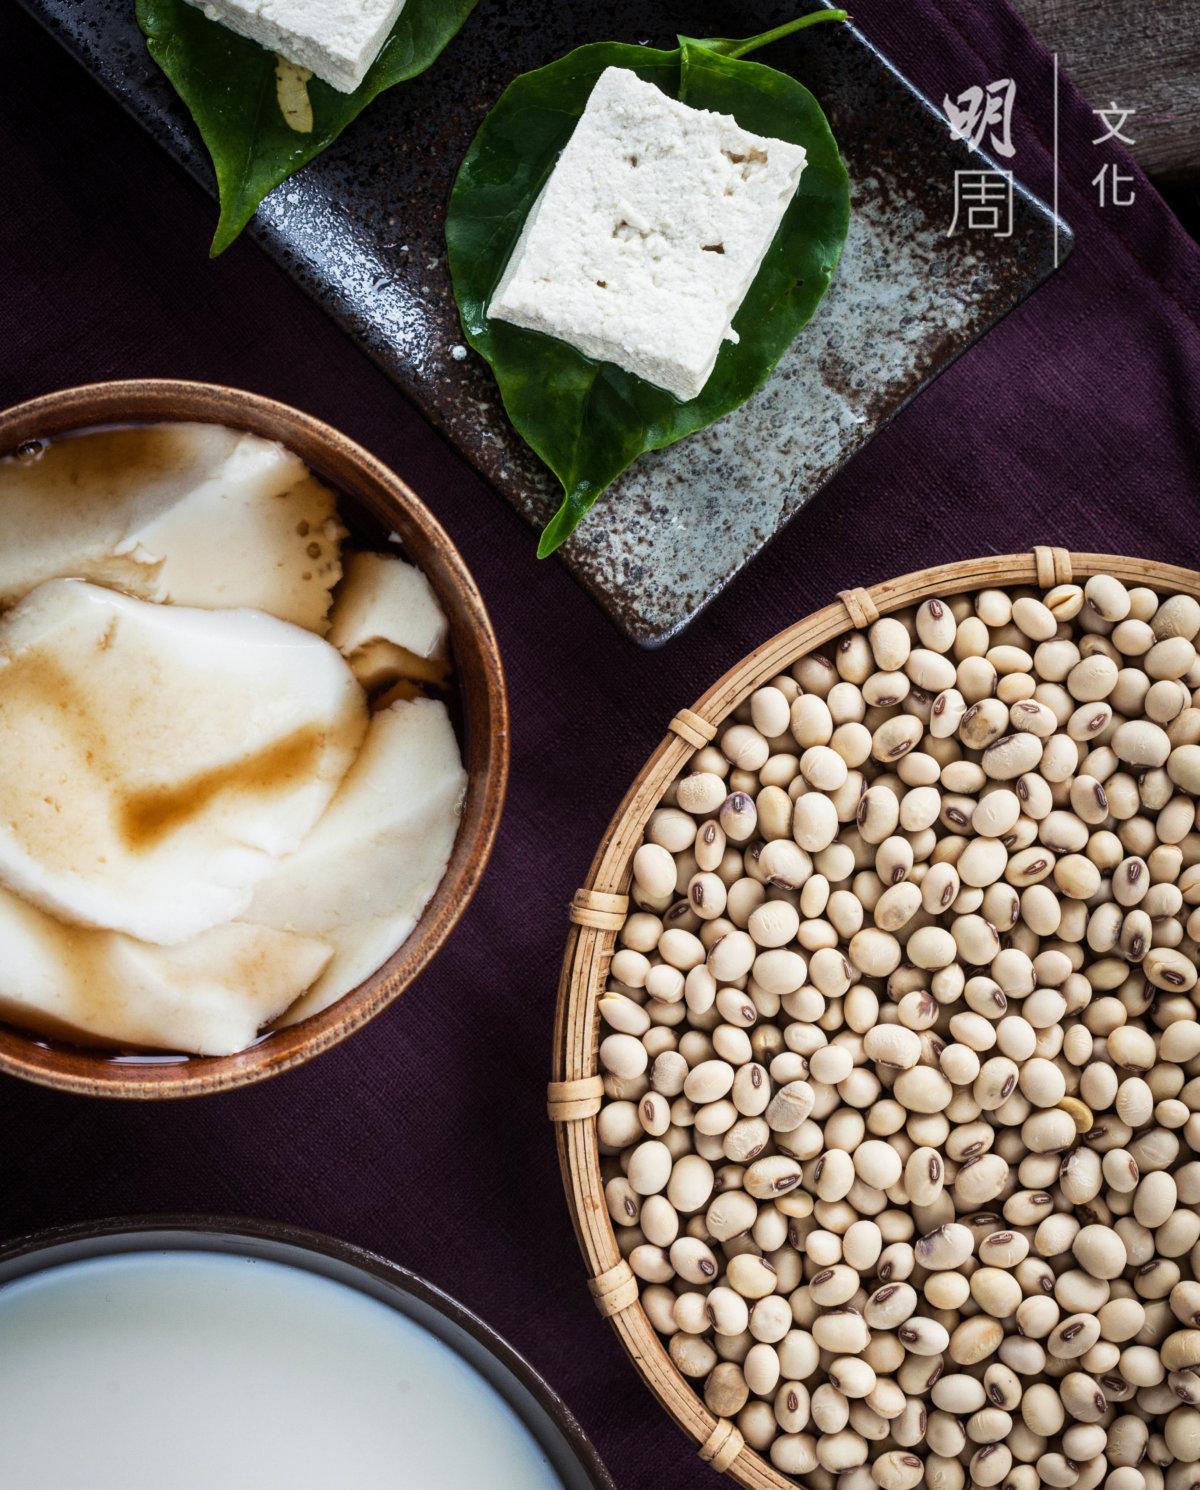 「花蓮1號」黃豆在最短食物里程中,炮製成豆漿、豆腐、豆腐花,純天 然手工香味,濃醇的黃豆香,以及紮實綿密的口感,味道令人難忘。